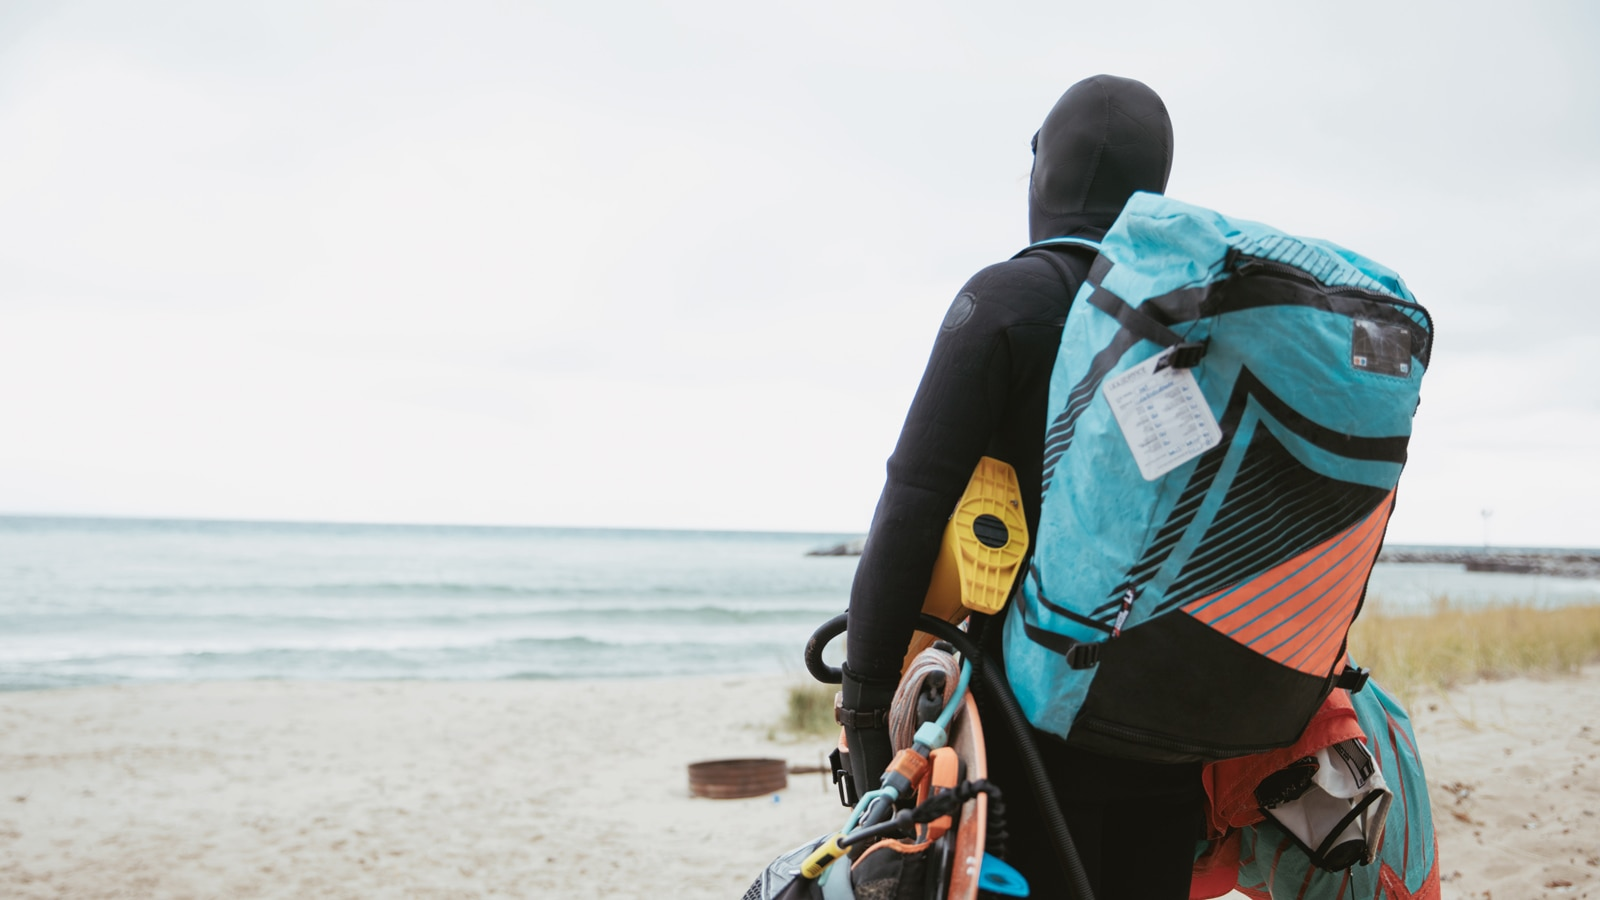 Persona con traje de neopreno caminandopor la playa hacia el Lago Michigan con la mochila repleta y transportando su equipaje.